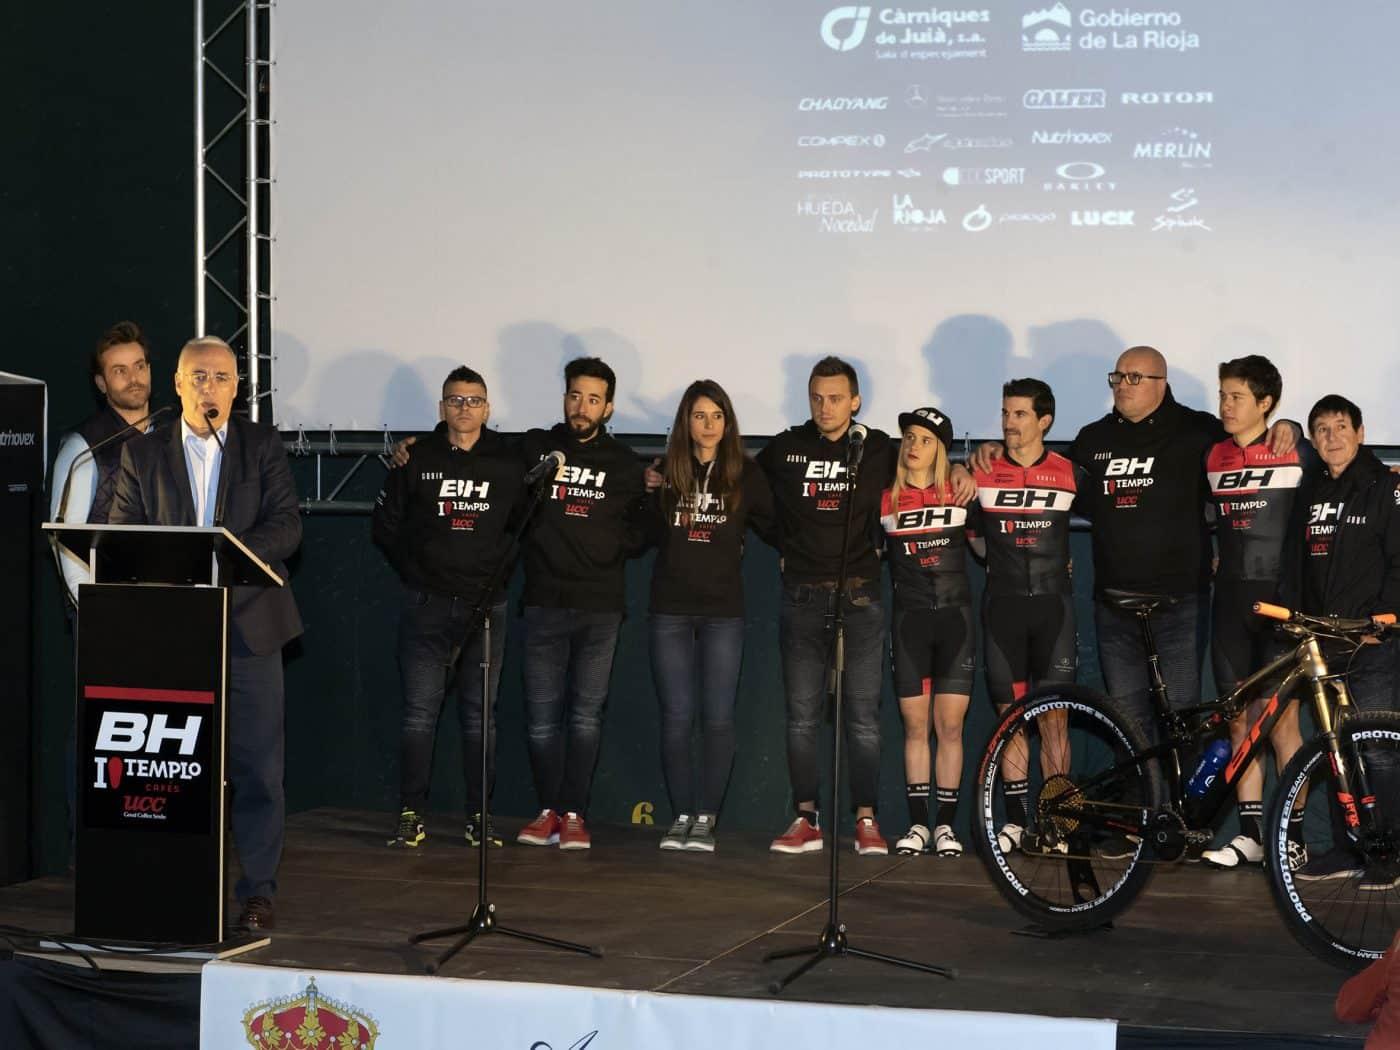 La jarrera María López se presenta con el nuevo equipo de Carlos Coloma, el BH Templo Cafés UCC 2